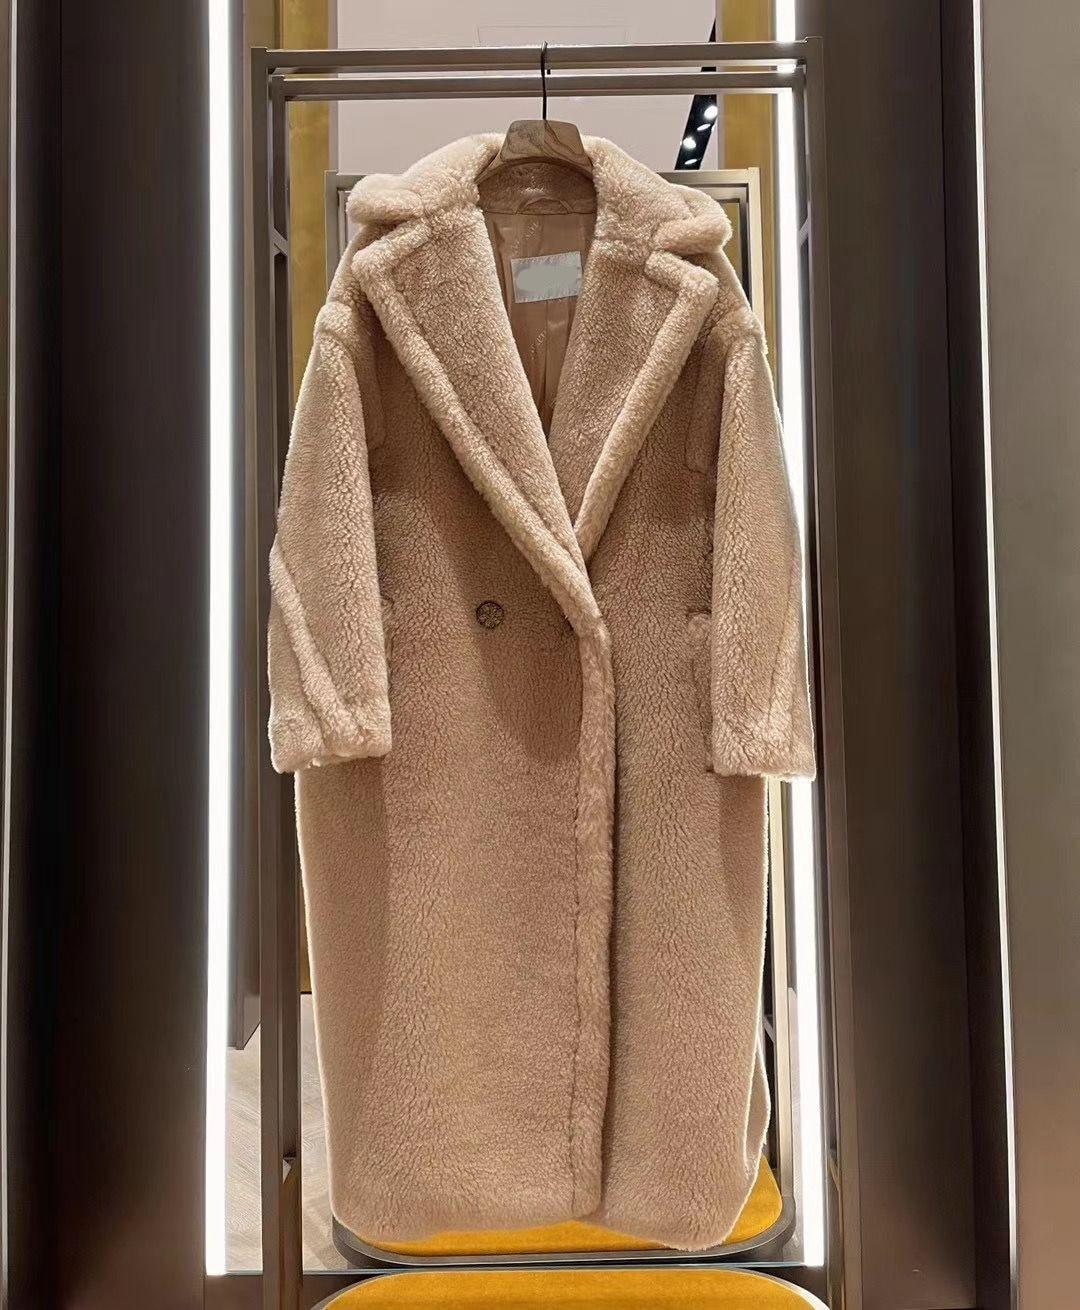 2021 najnowszy miś kolor Albino camel teddy pogrubiona wełna płaszcz wanilia niebieski piasek brązowy są w magazynie